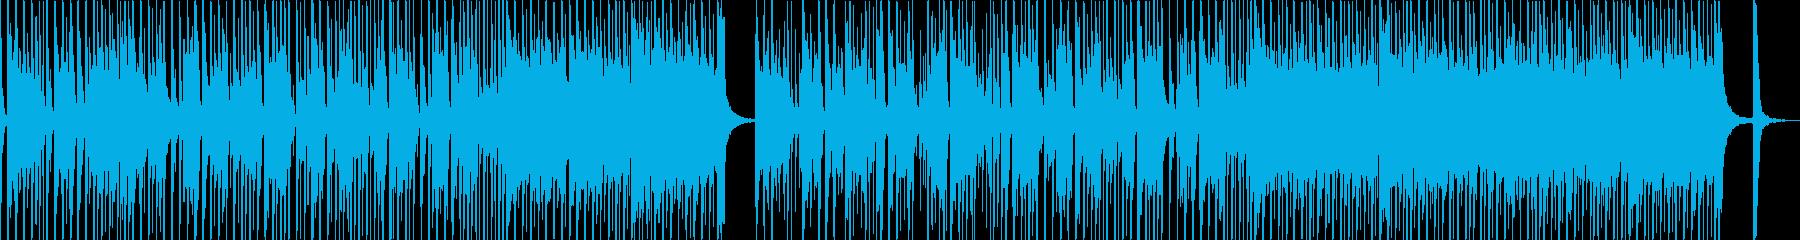 お洒落なテクノポップスの再生済みの波形